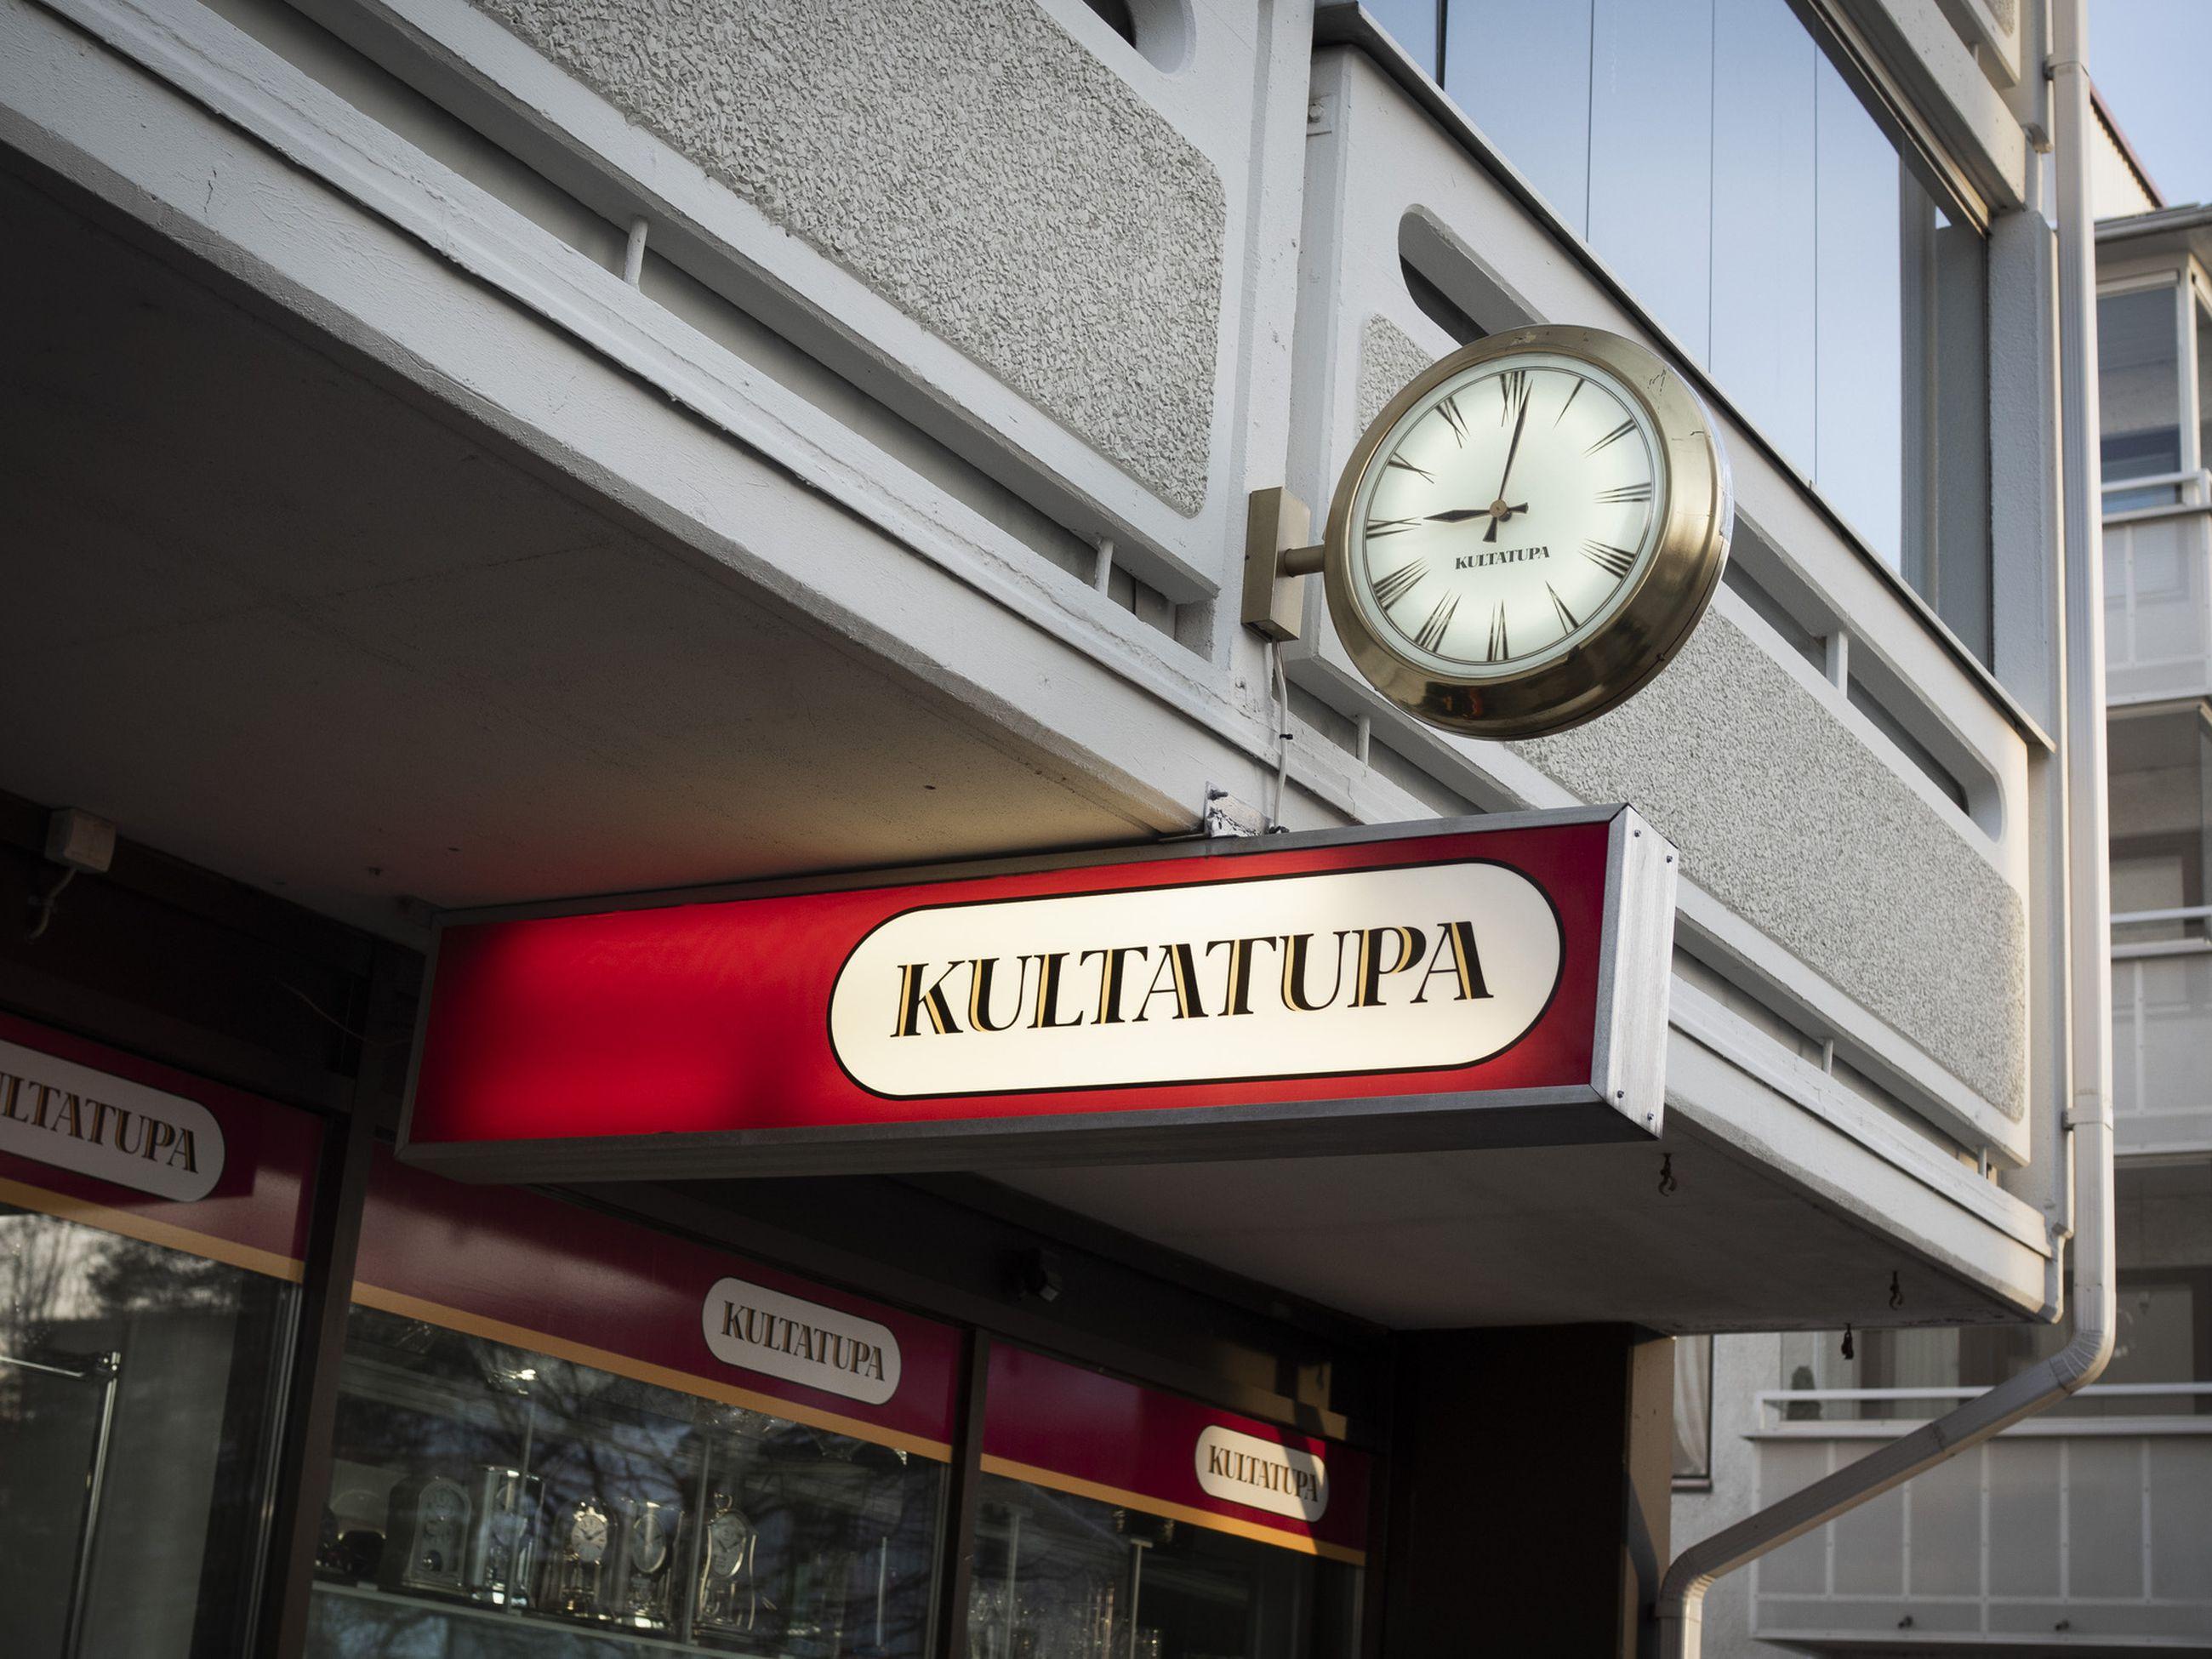 Kultasepänliike Kultatuvan edustalla tikittää yksi Rovaniemen harvoista viisarikelloista. Liike on sijainnut samalla paikalla 90-luvun alusta saakka.